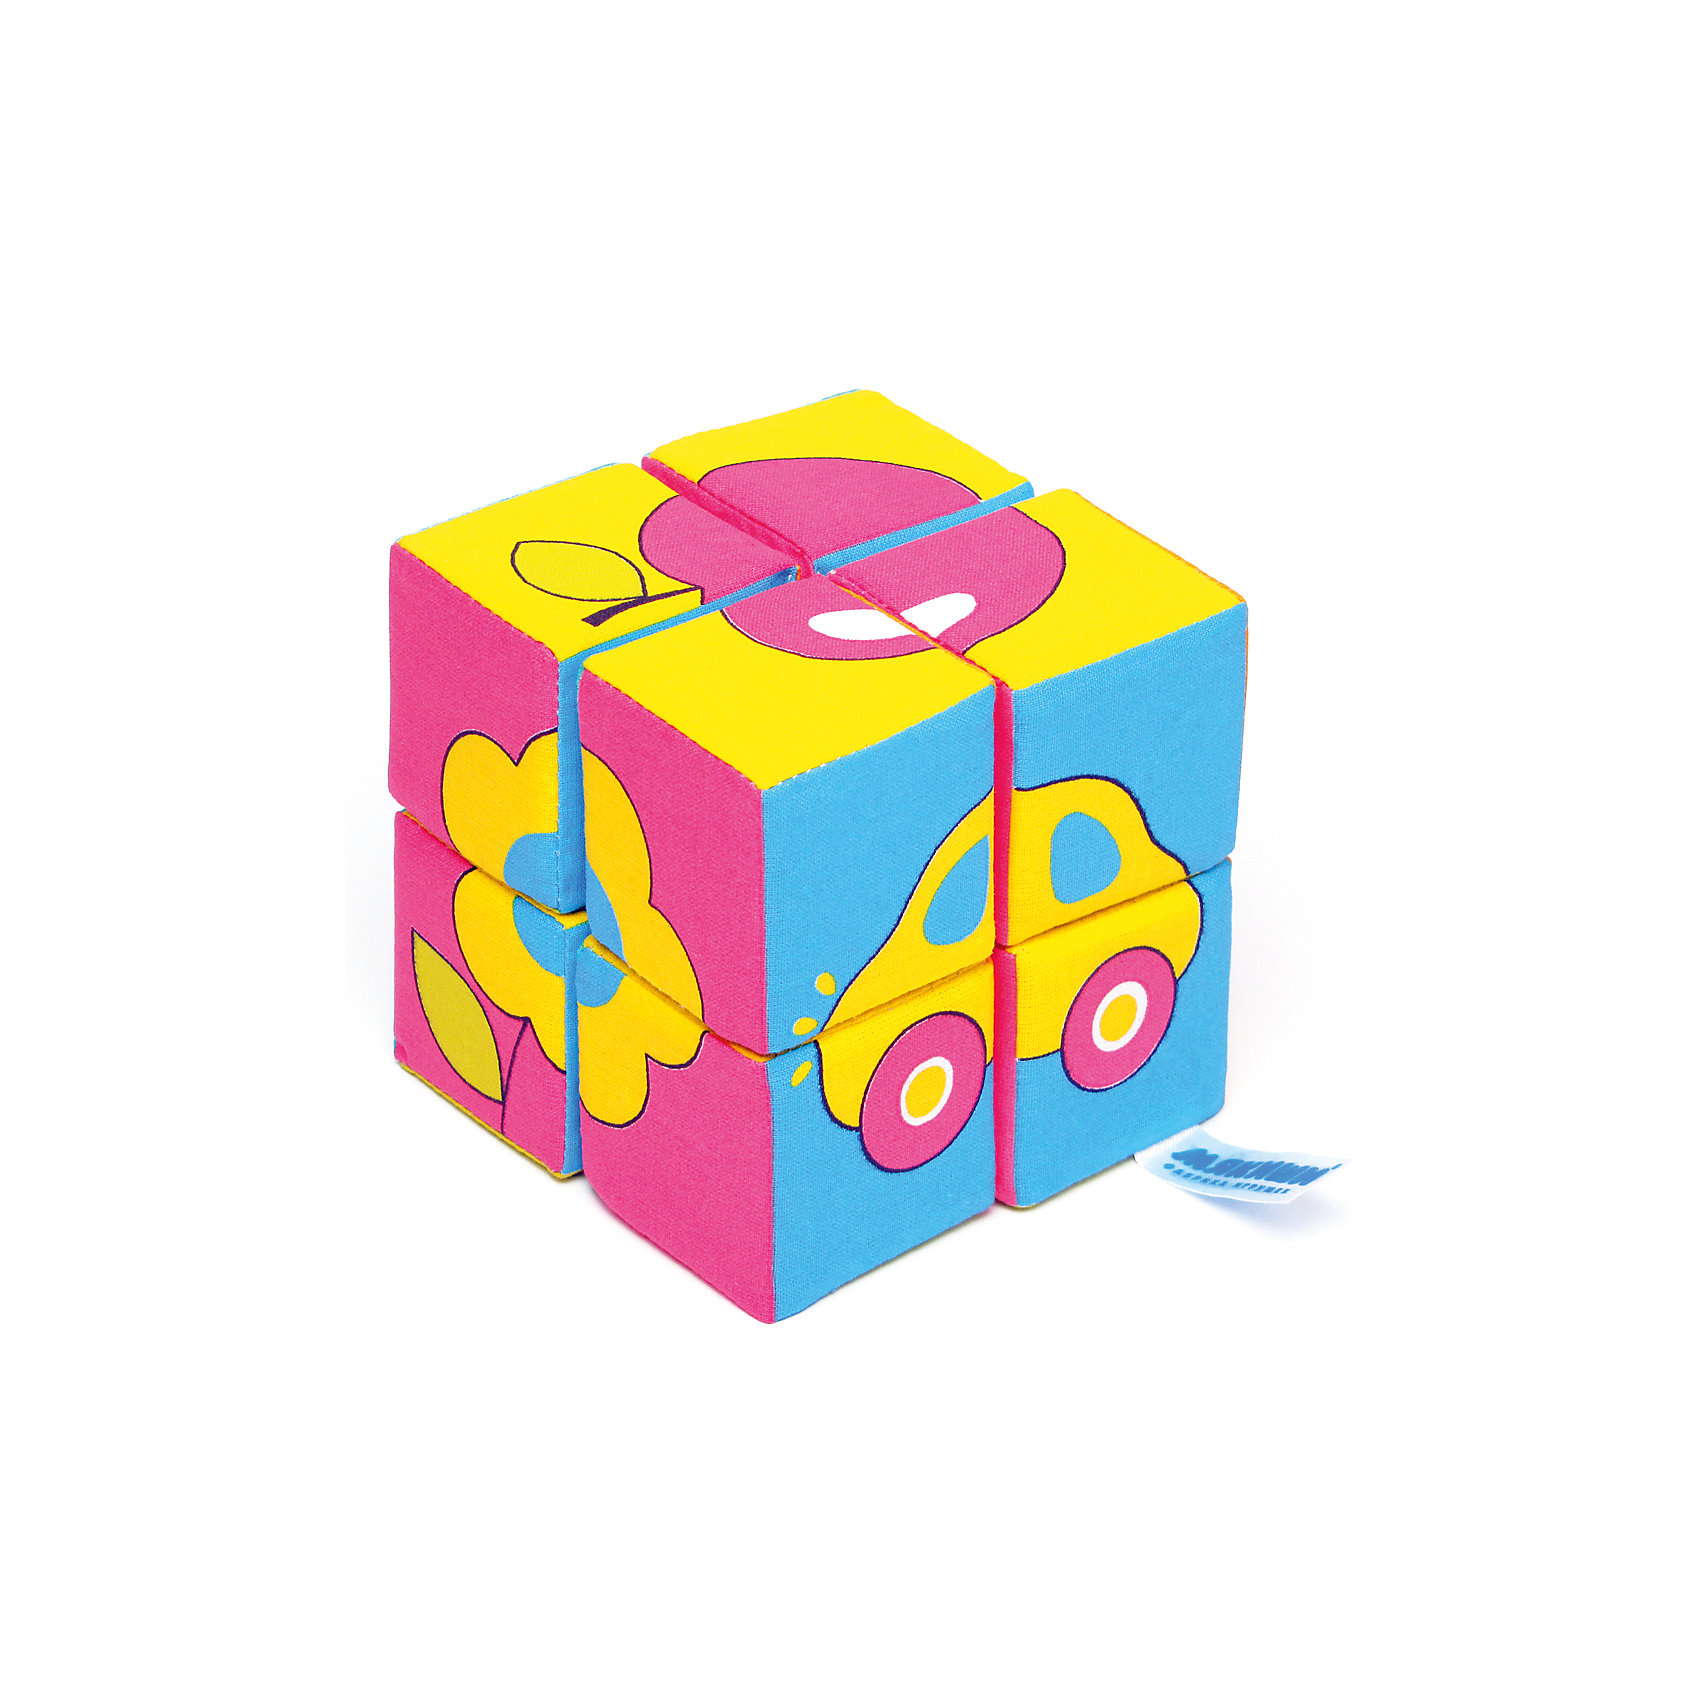 Кубики Собираем картину - предметы, МякишиМягкие игрушки<br>Характеристики товара:<br><br>• материал: хлопок, поролон<br>• комплектация: 8 шт<br>• размер игрушки: 5 см<br>• можно собрать шесть картинок<br>• развивающая игрушка<br>• упаковка: картон<br>• страна бренда: РФ<br>• страна изготовитель: РФ<br><br>Малыши активно познают мир и тянутся к новой информации. Чтобы сделать процесс изучения окружающего пространства интереснее, ребенку можно подарить развивающие игрушки. В процессе игры информация усваивается намного лучше!<br>Такие кубики помогут занять малыша, играть ими приятно и весело. Одновременно они позволят познакомиться со многими цветами, фактурами, а также из них можно собрать шесть предметов. Такие игрушки развивают тактильные ощущения, моторику, цветовосприятие, логику, воображение, учат фокусировать внимание. Каждое изделие абсолютно безопасно – оно создано из качественной ткани с мягким наполнителем. Игрушки производятся из качественных и проверенных материалов, которые безопасны для детей.<br><br>Кубики Собери картинку - предметы от бренда Мякиши можно купить в нашем интернет-магазине.<br><br>Ширина мм: 155<br>Глубина мм: 180<br>Высота мм: 100<br>Вес г: 80<br>Возраст от месяцев: 12<br>Возраст до месяцев: 36<br>Пол: Унисекс<br>Возраст: Детский<br>SKU: 5183225